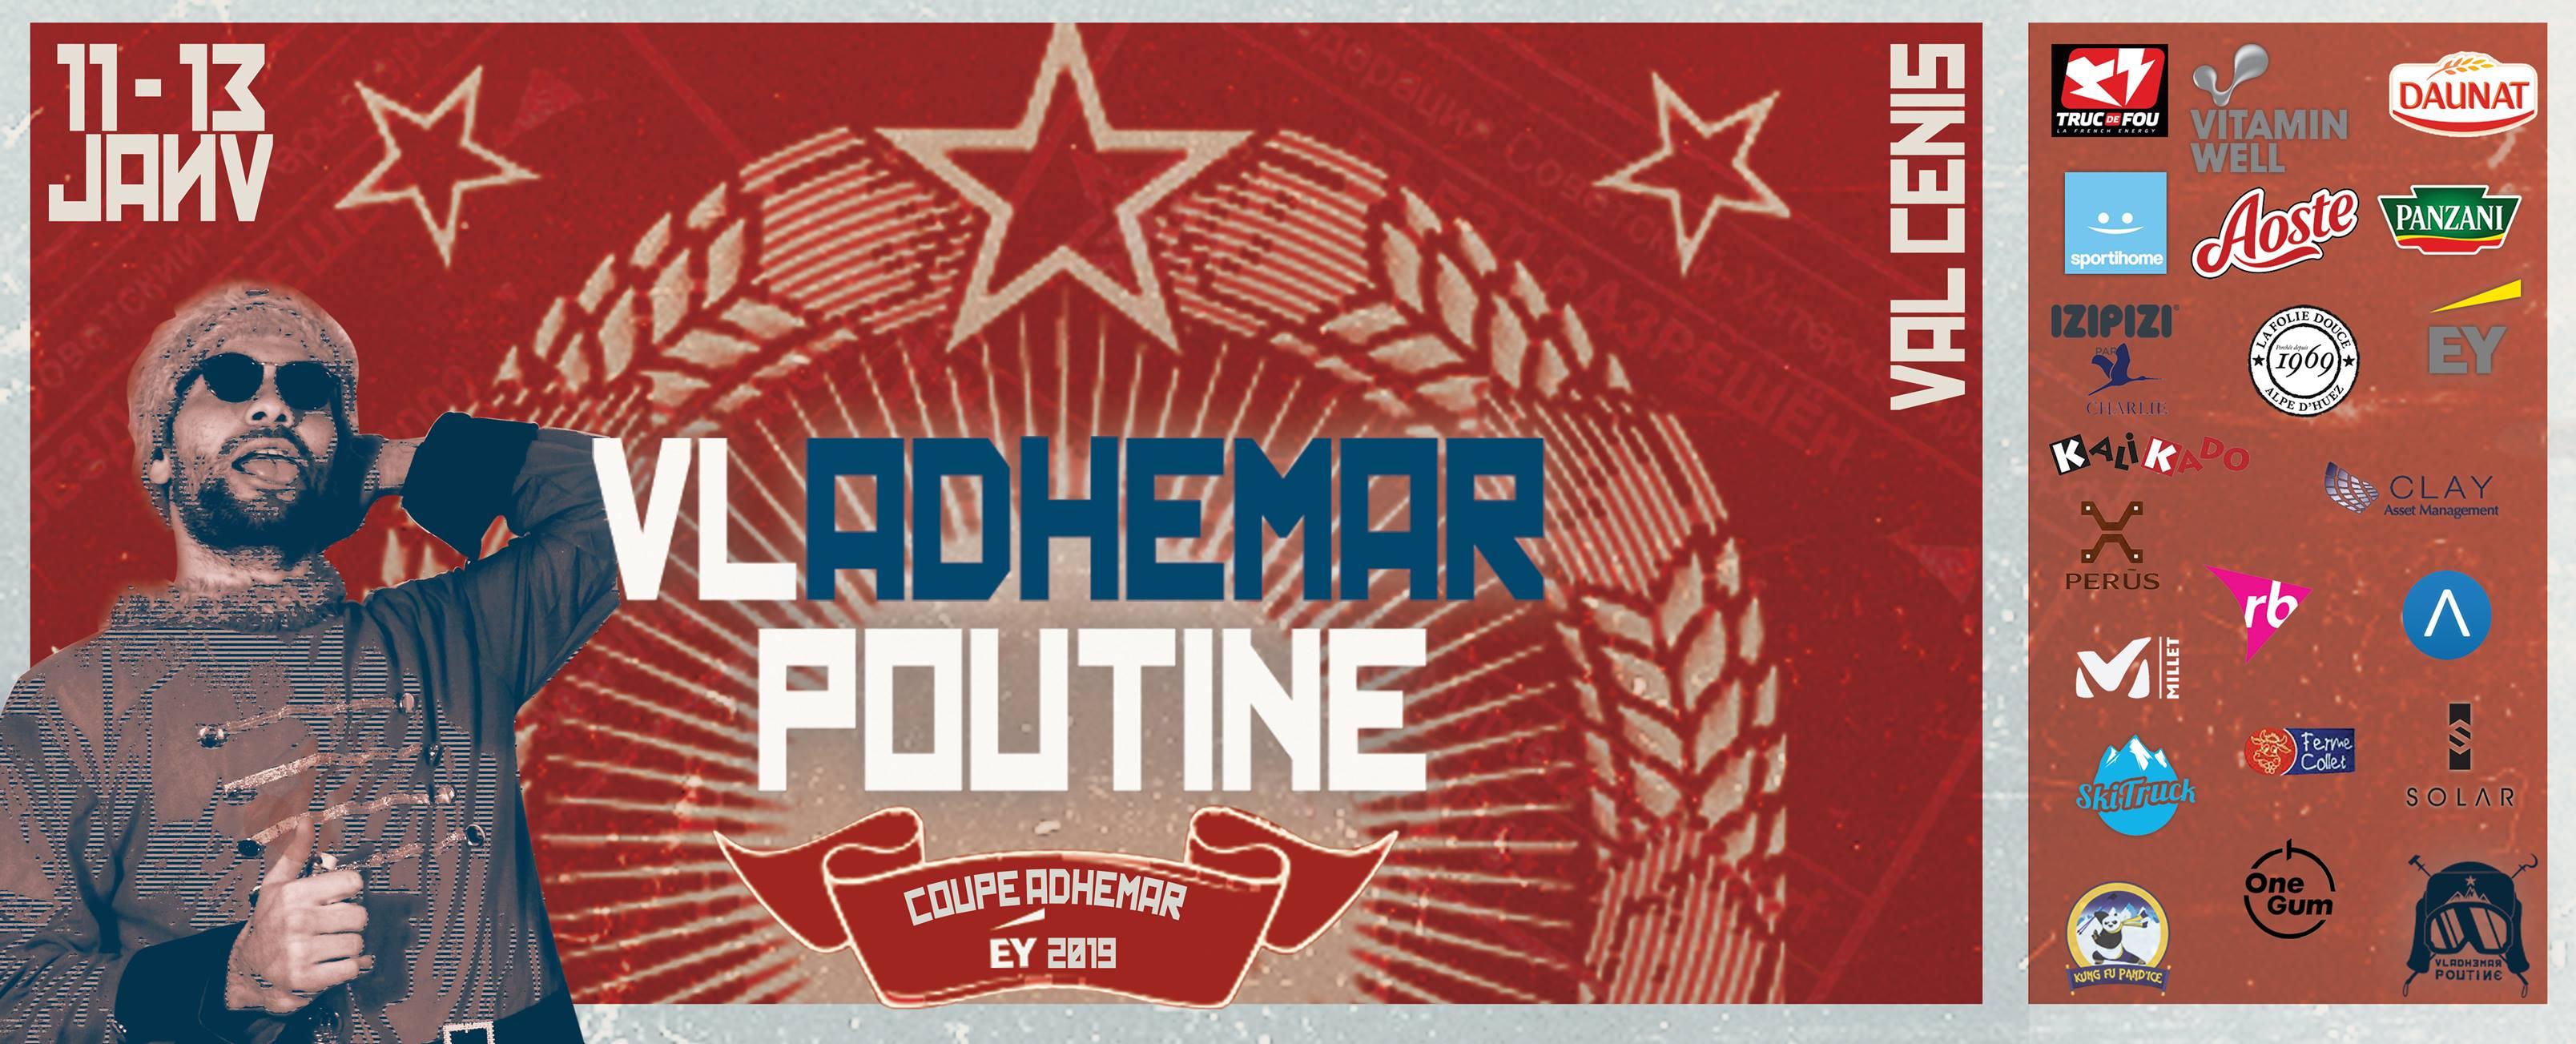 Vladhémar Poutine: le retour de la coupe Adhémar